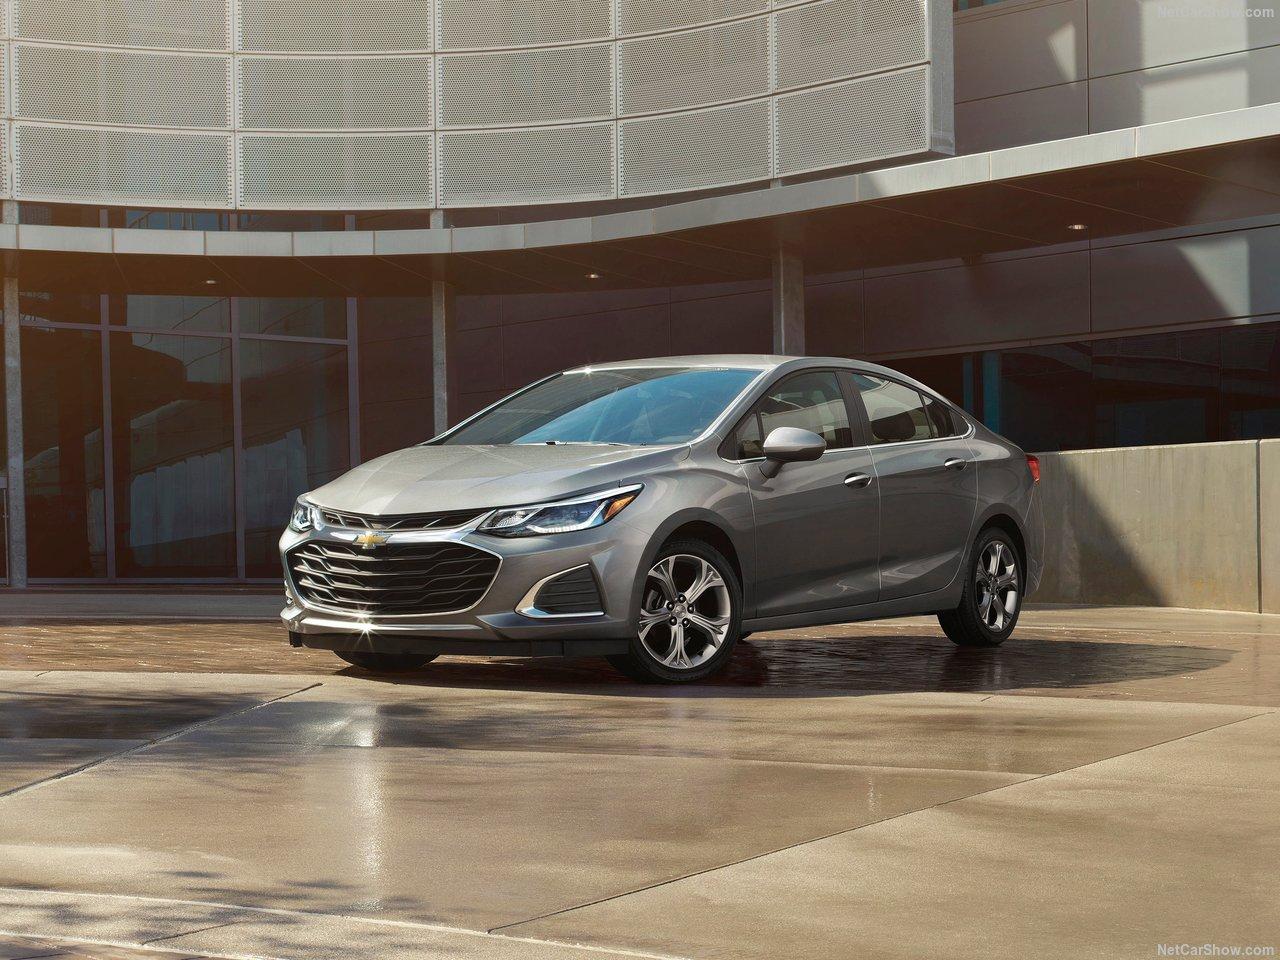 Chevrolet Cruze 2018 модельного года: цены, комплектации, фото и характеристики